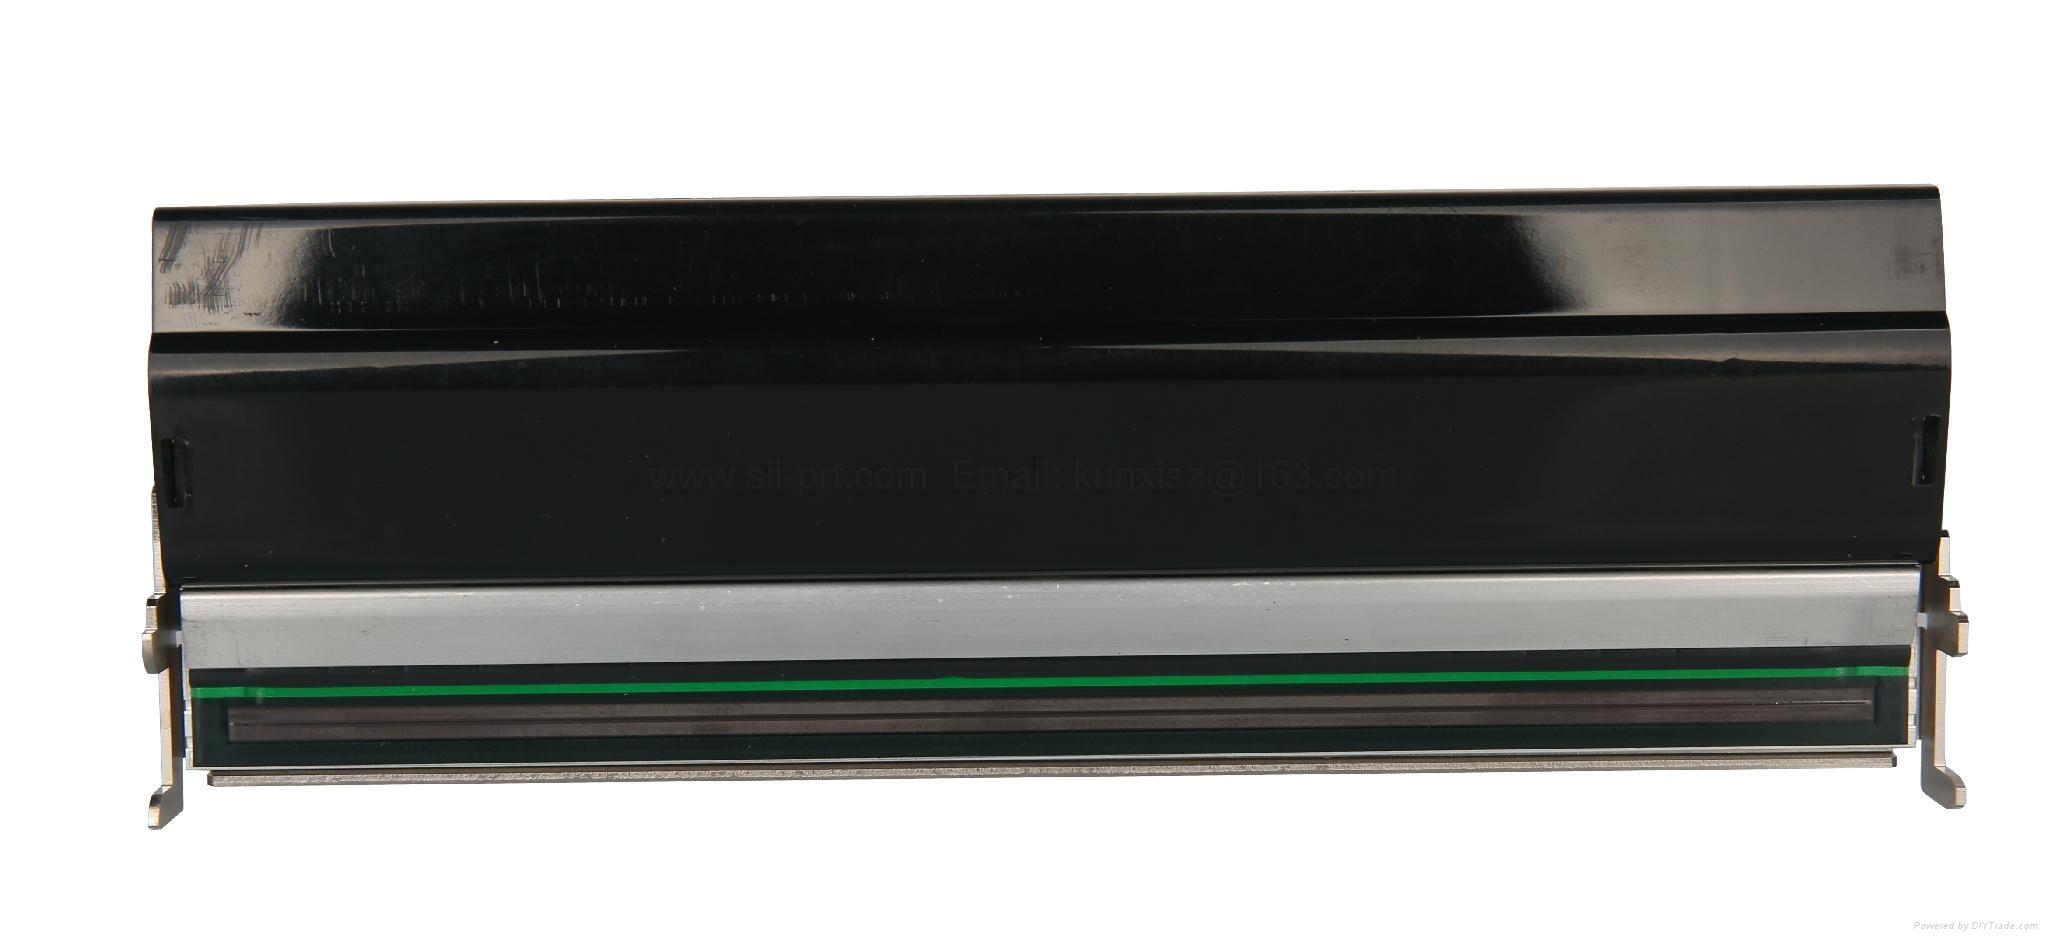 Zebra Label Print Head Z6M 200dpi 300dpi Zebra Printer Z6M